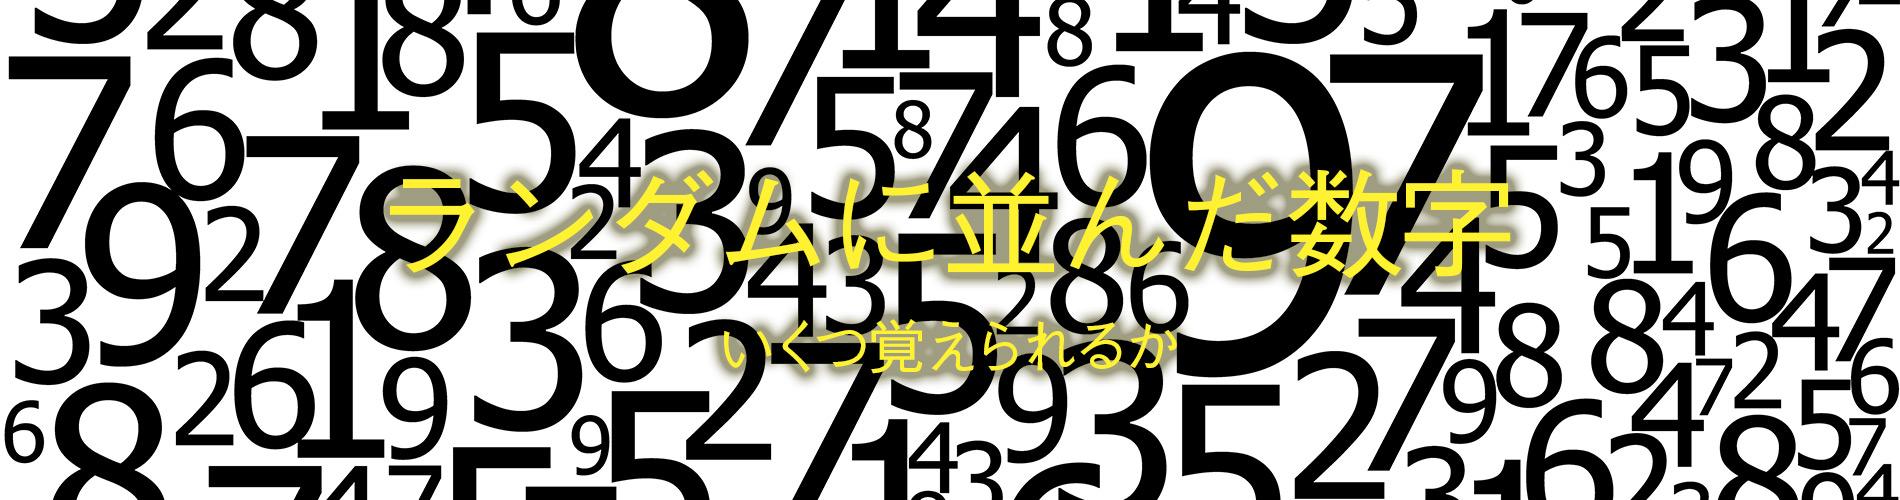 ランダムに並んだ数字いくつ覚えられるか